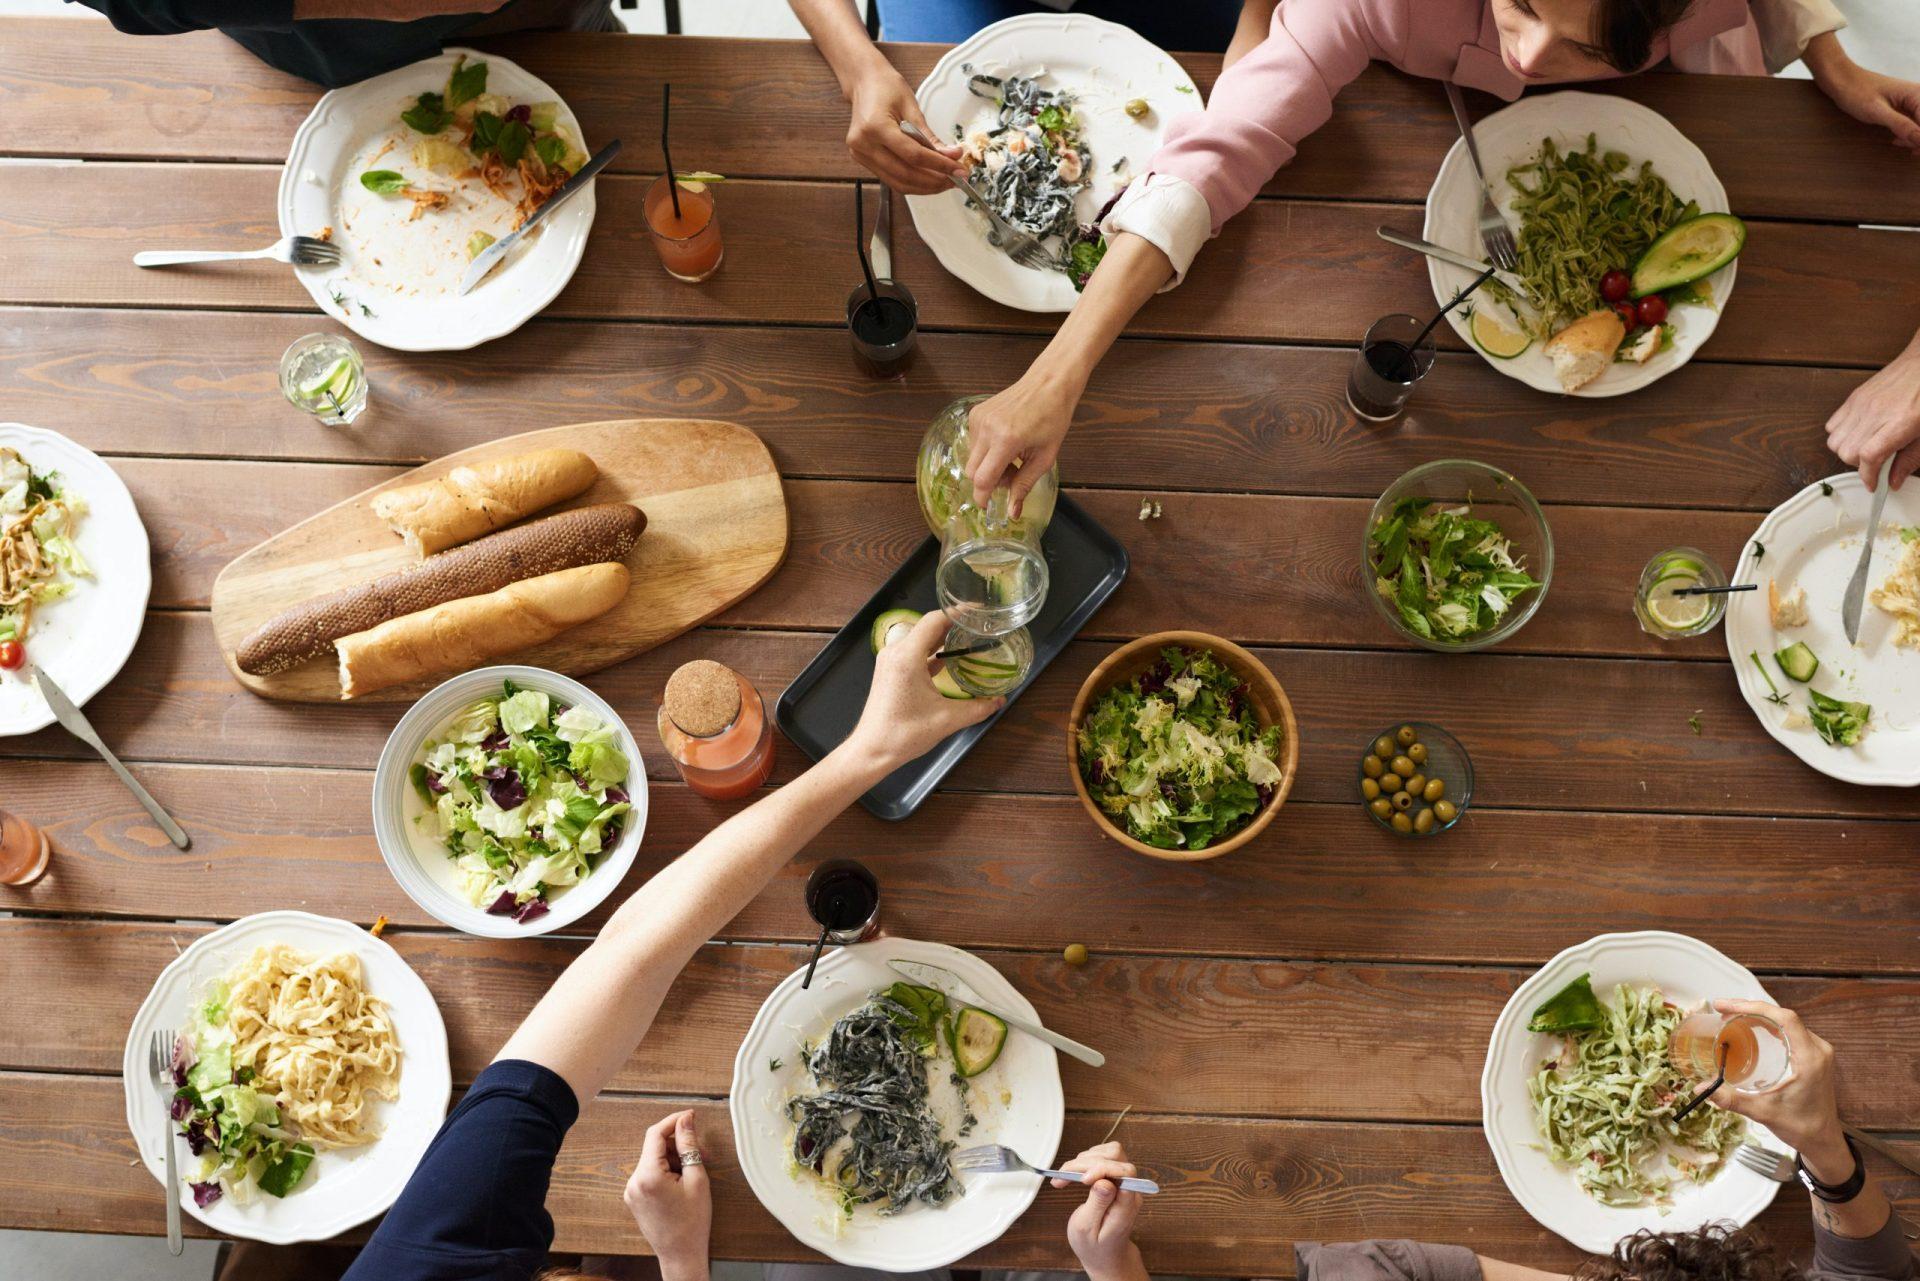 comer bem 6 scaled - 10 passos para comer bem